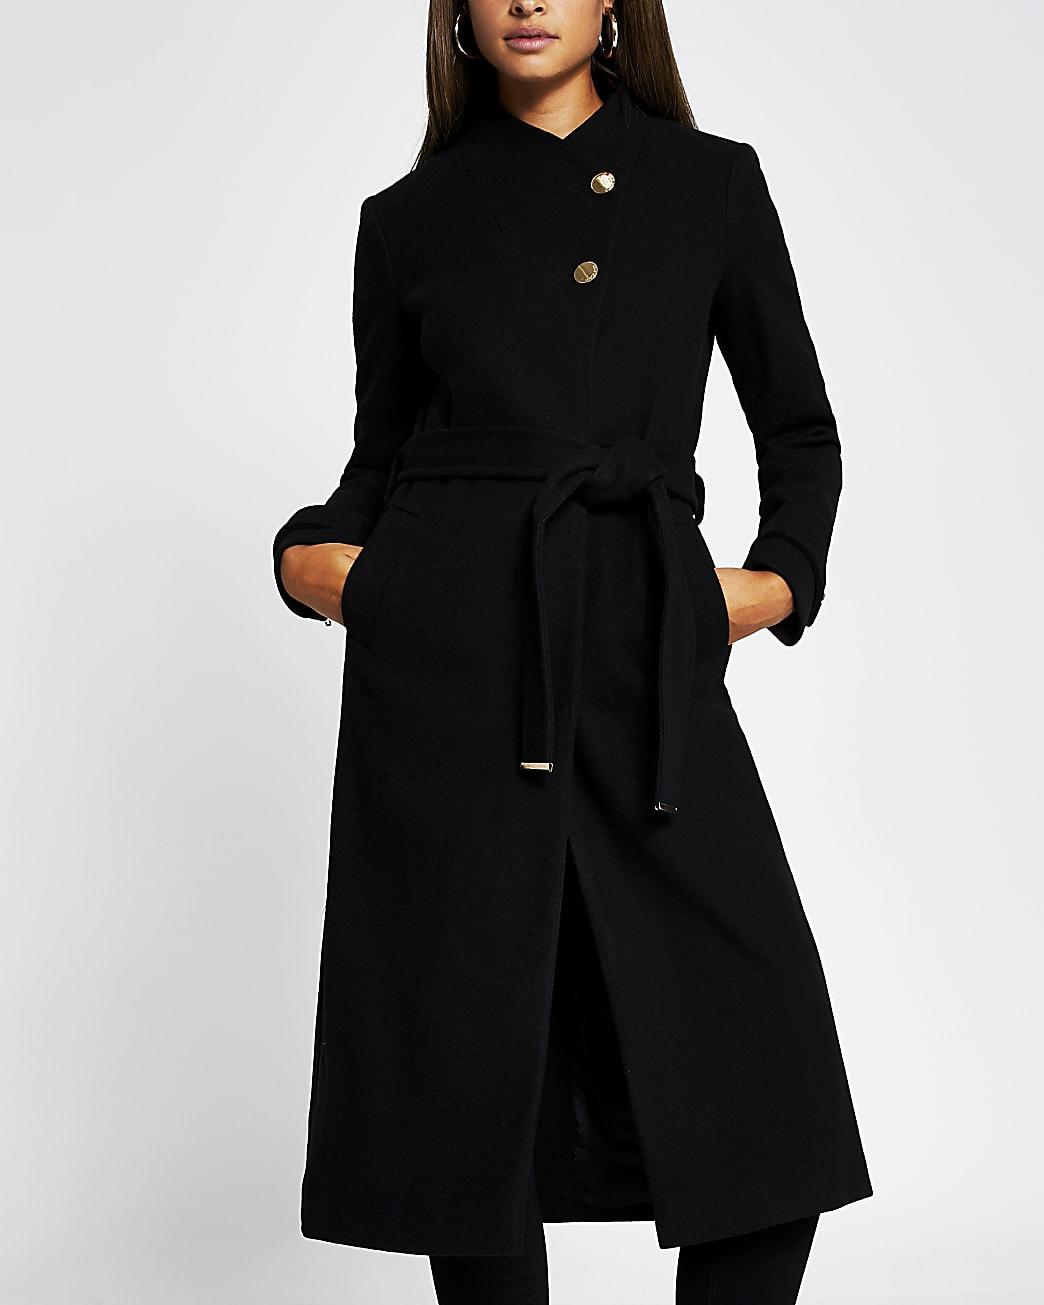 Black belted wrap coat